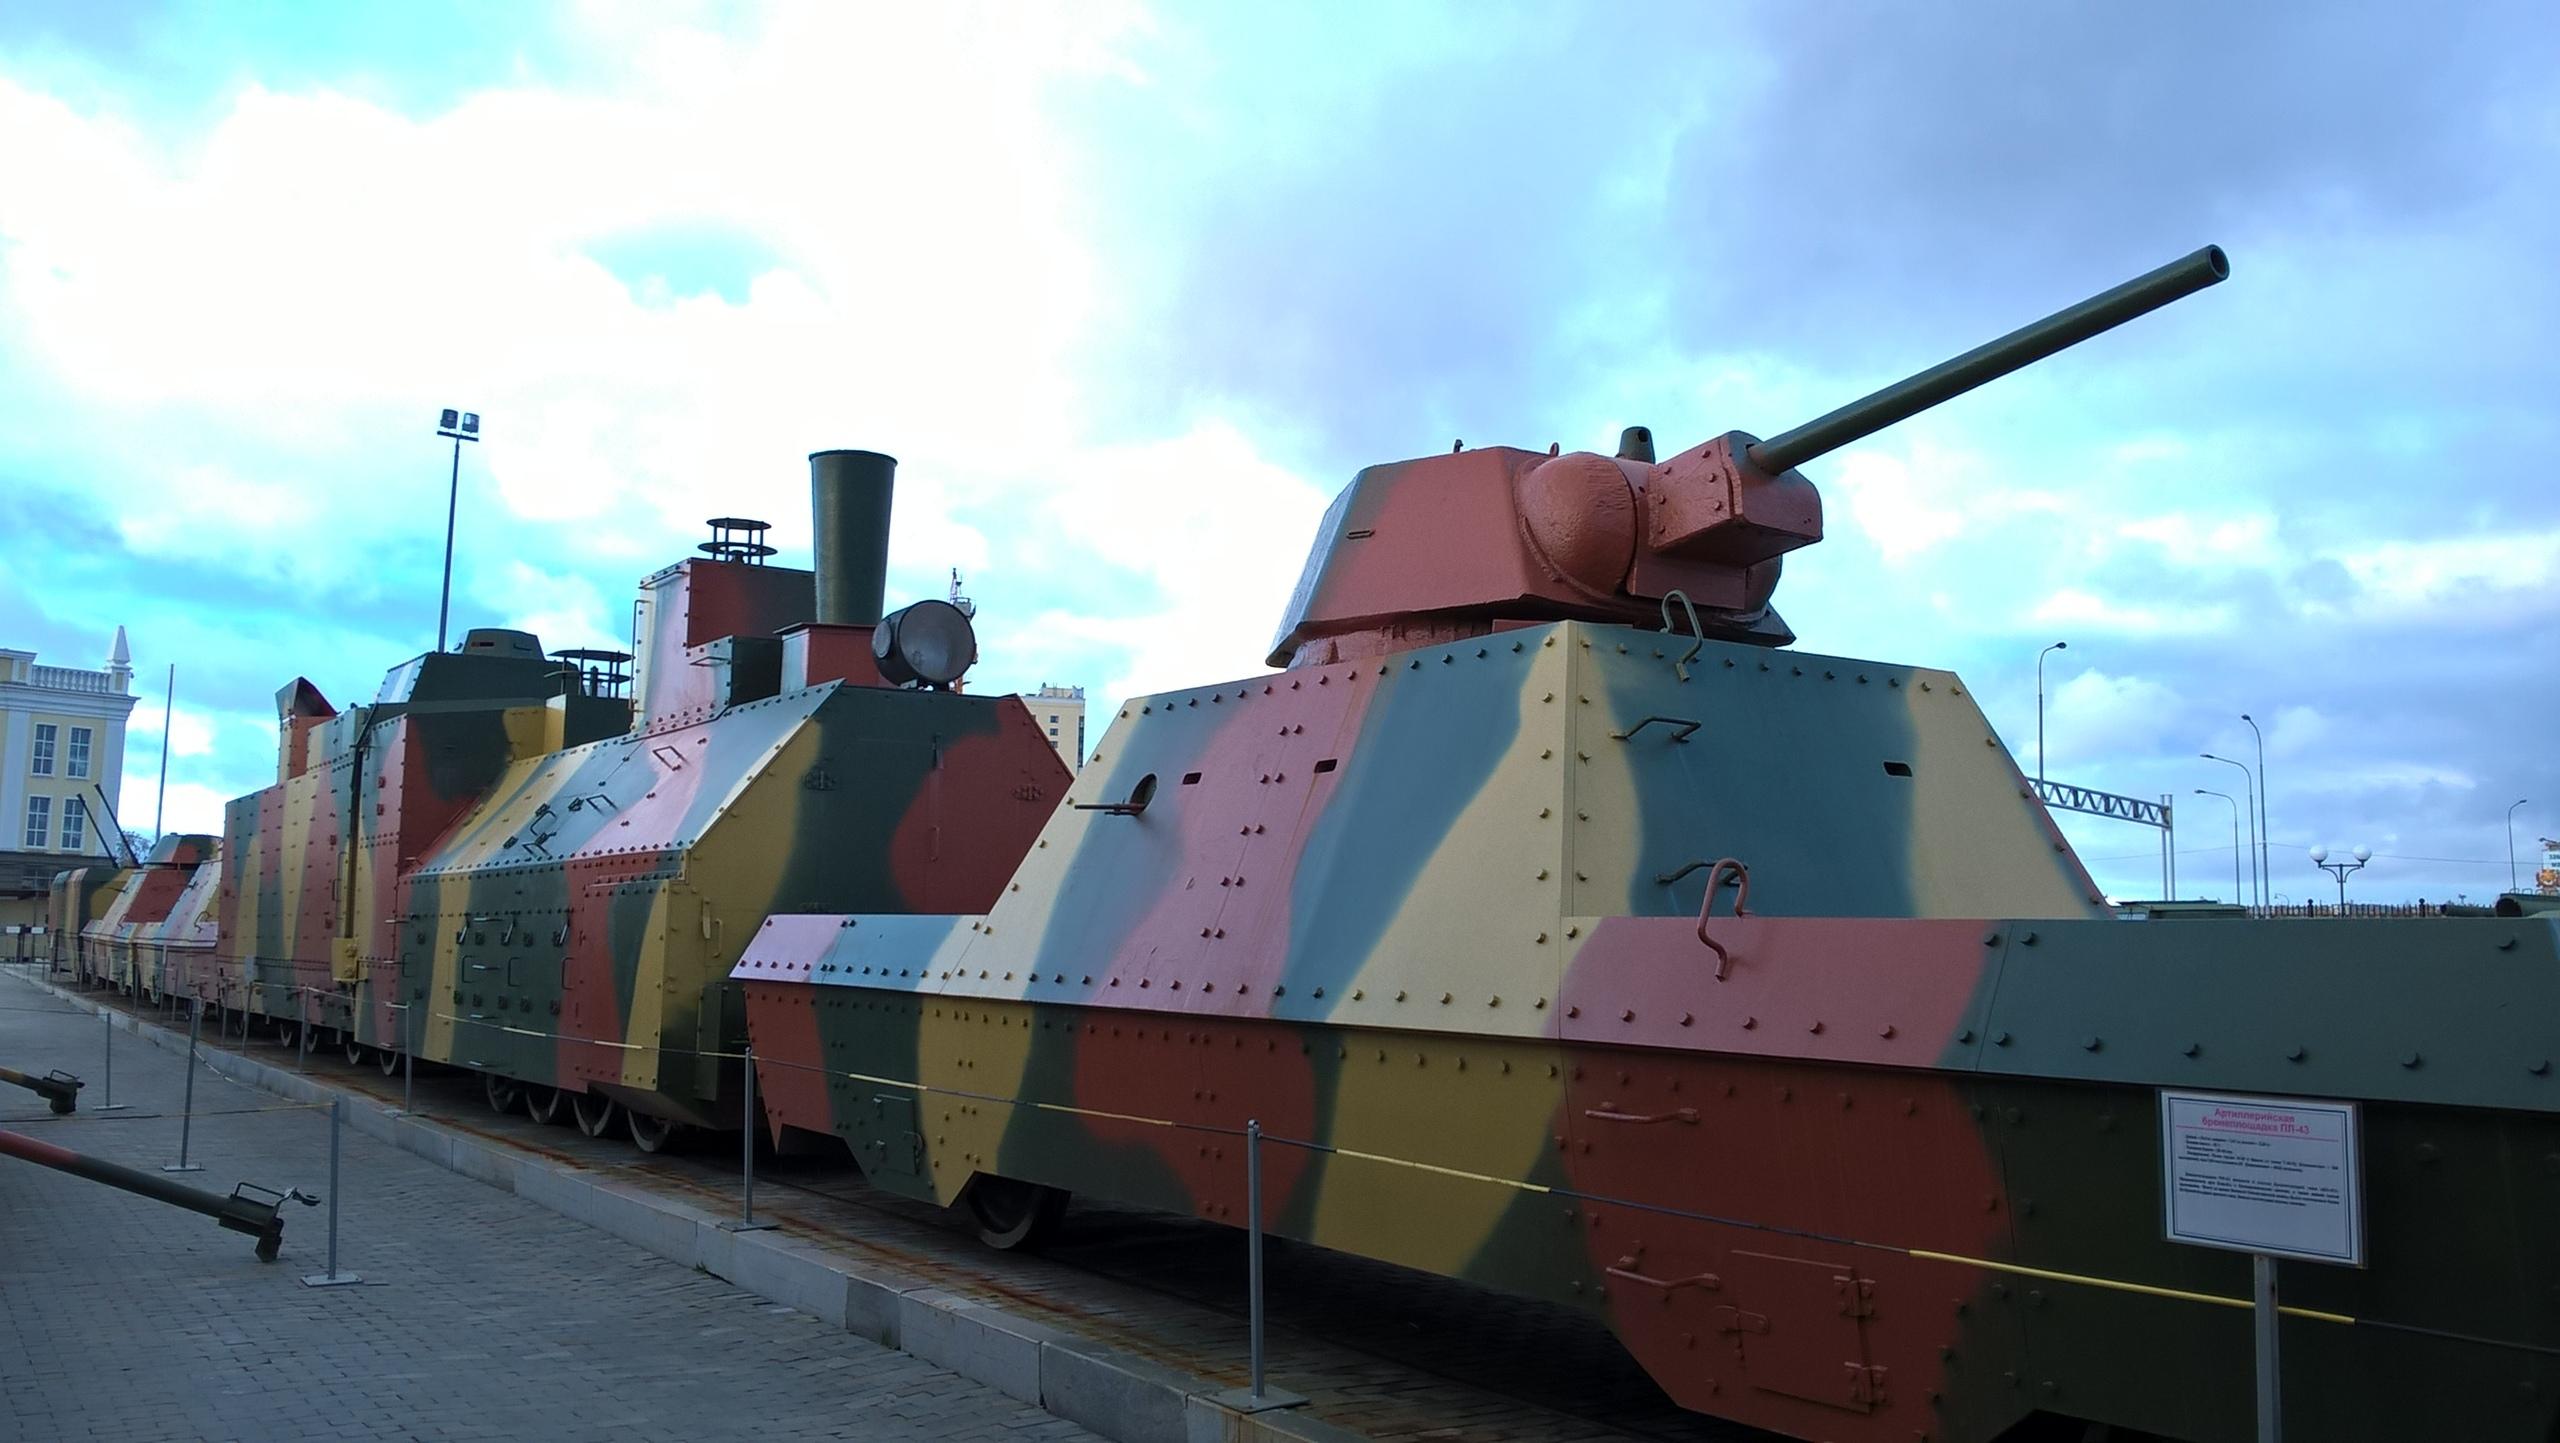 Артиллерийская бронеплощадка ПЛ-43 в Верхней Пышме